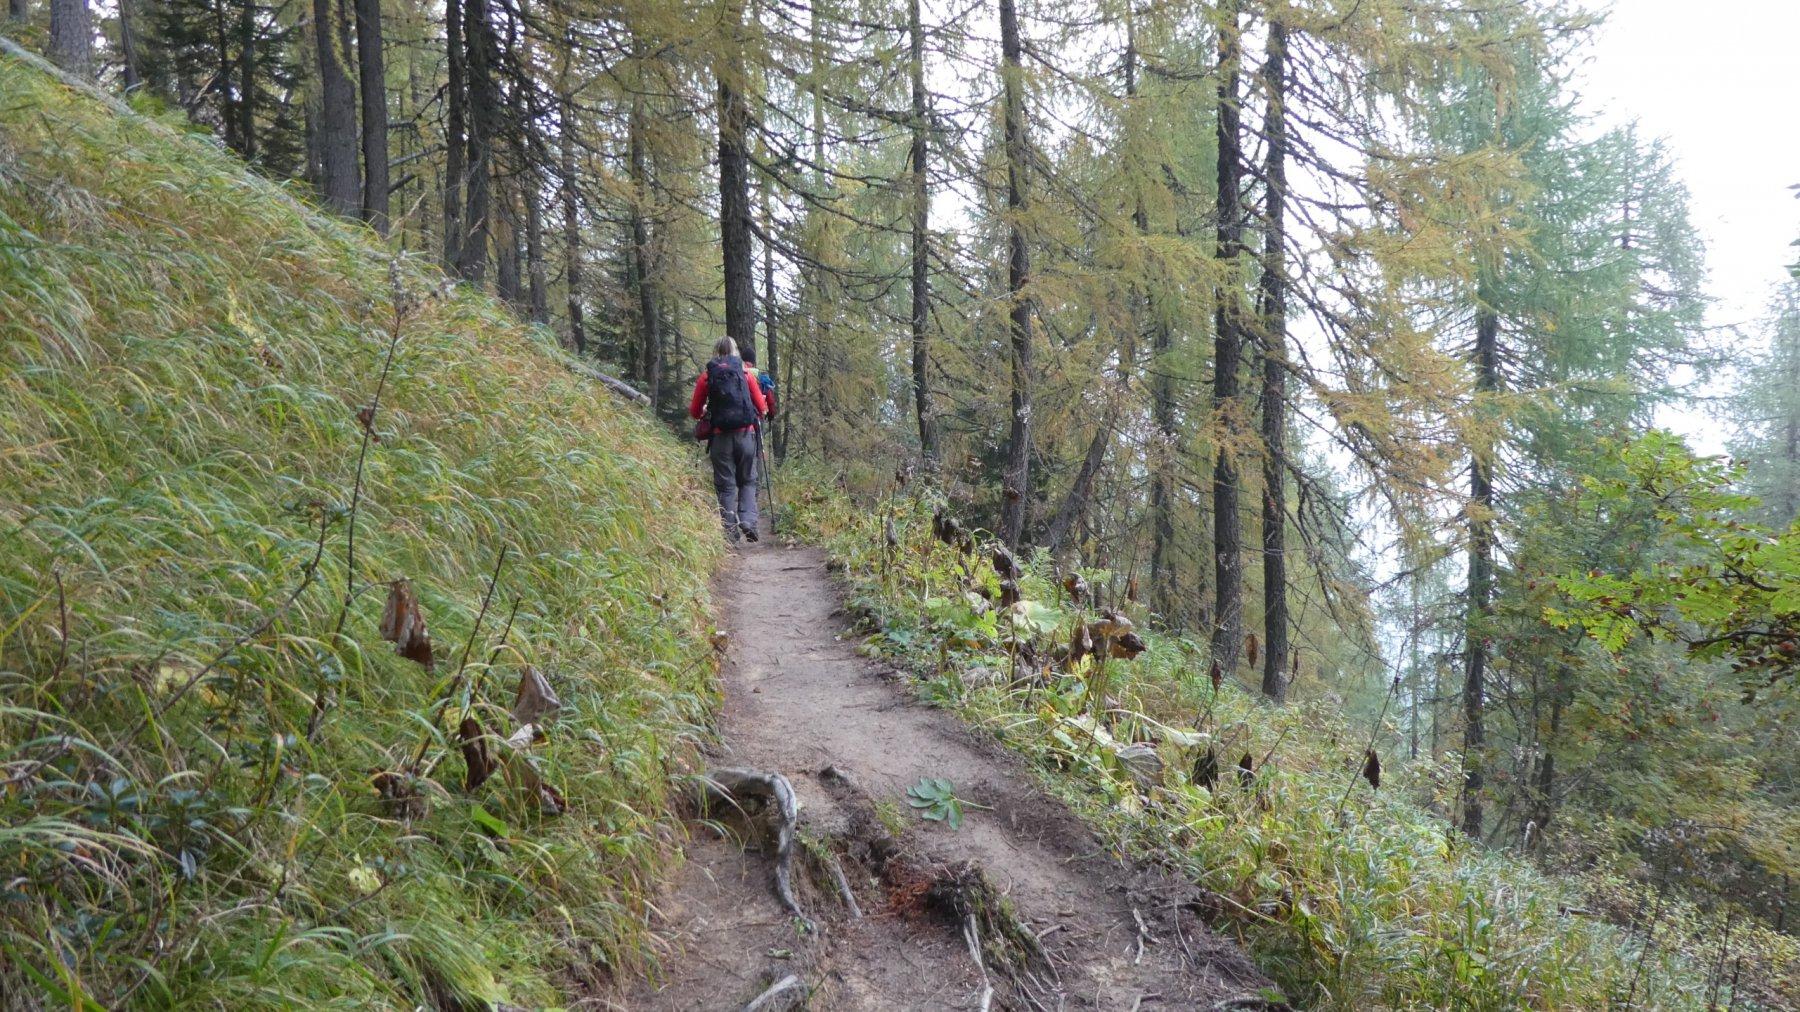 risalendo il bosco iniziale sopra il Rifugio Prati di Croda Rossa